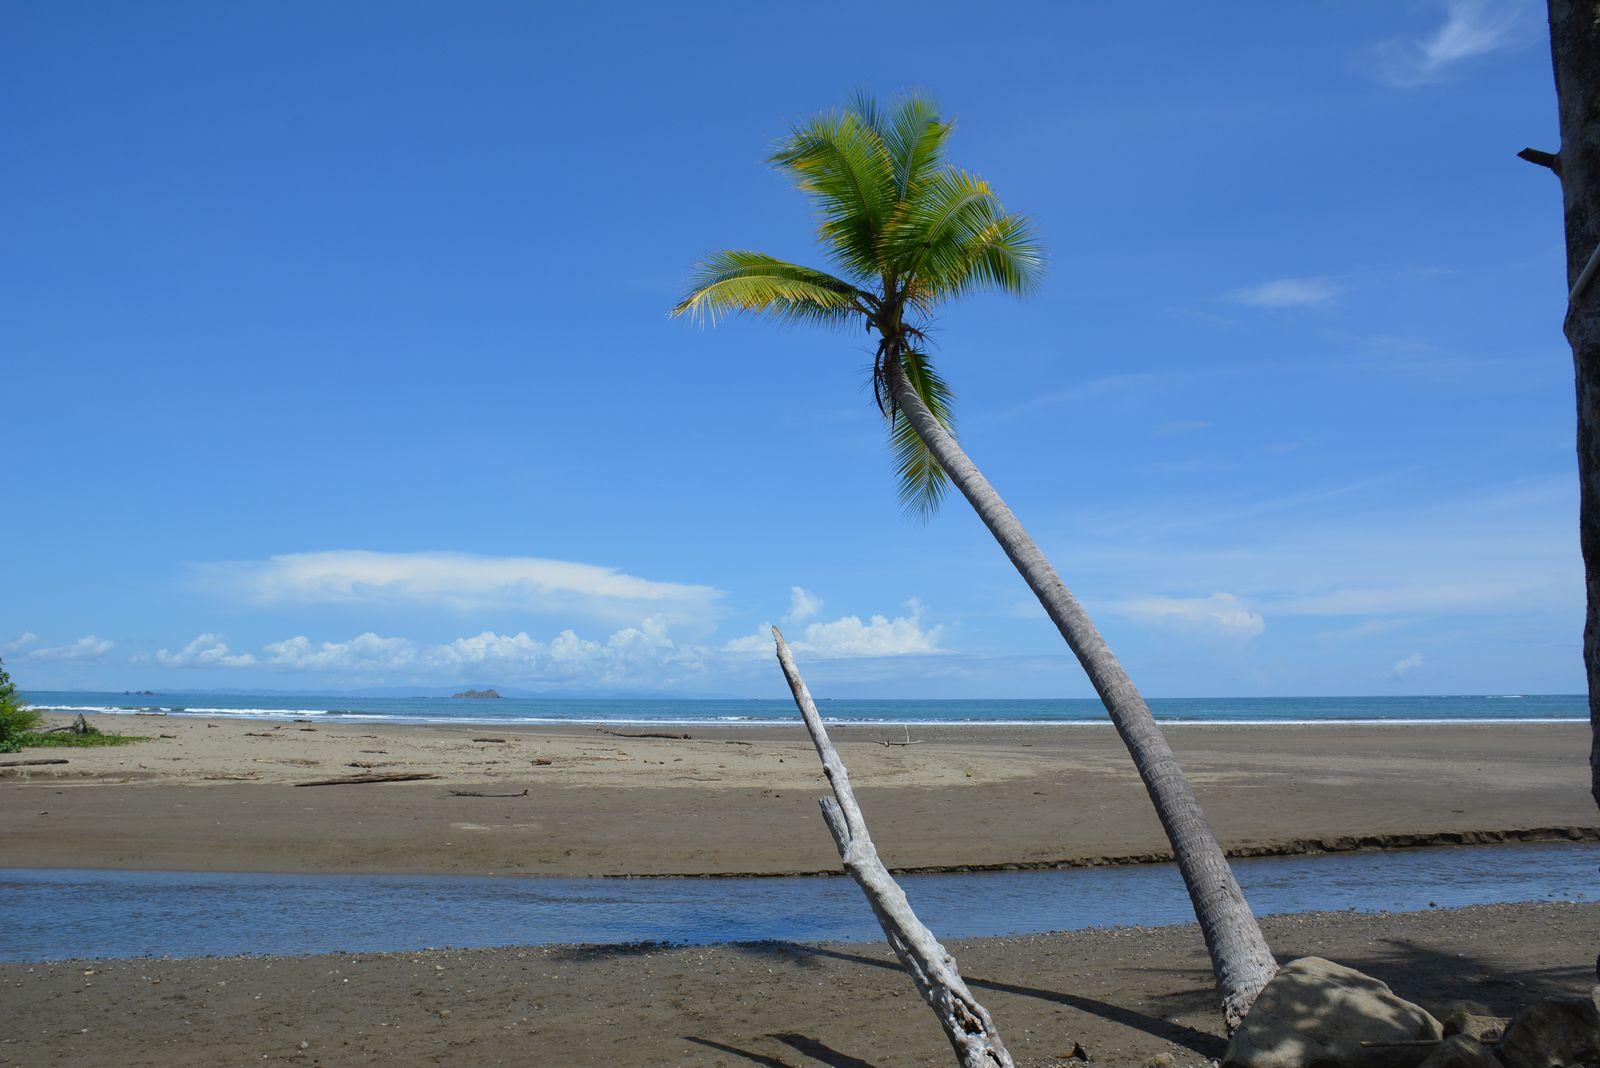 Costa - Rica - Punta Uvita - Photos: Lankaart (c)